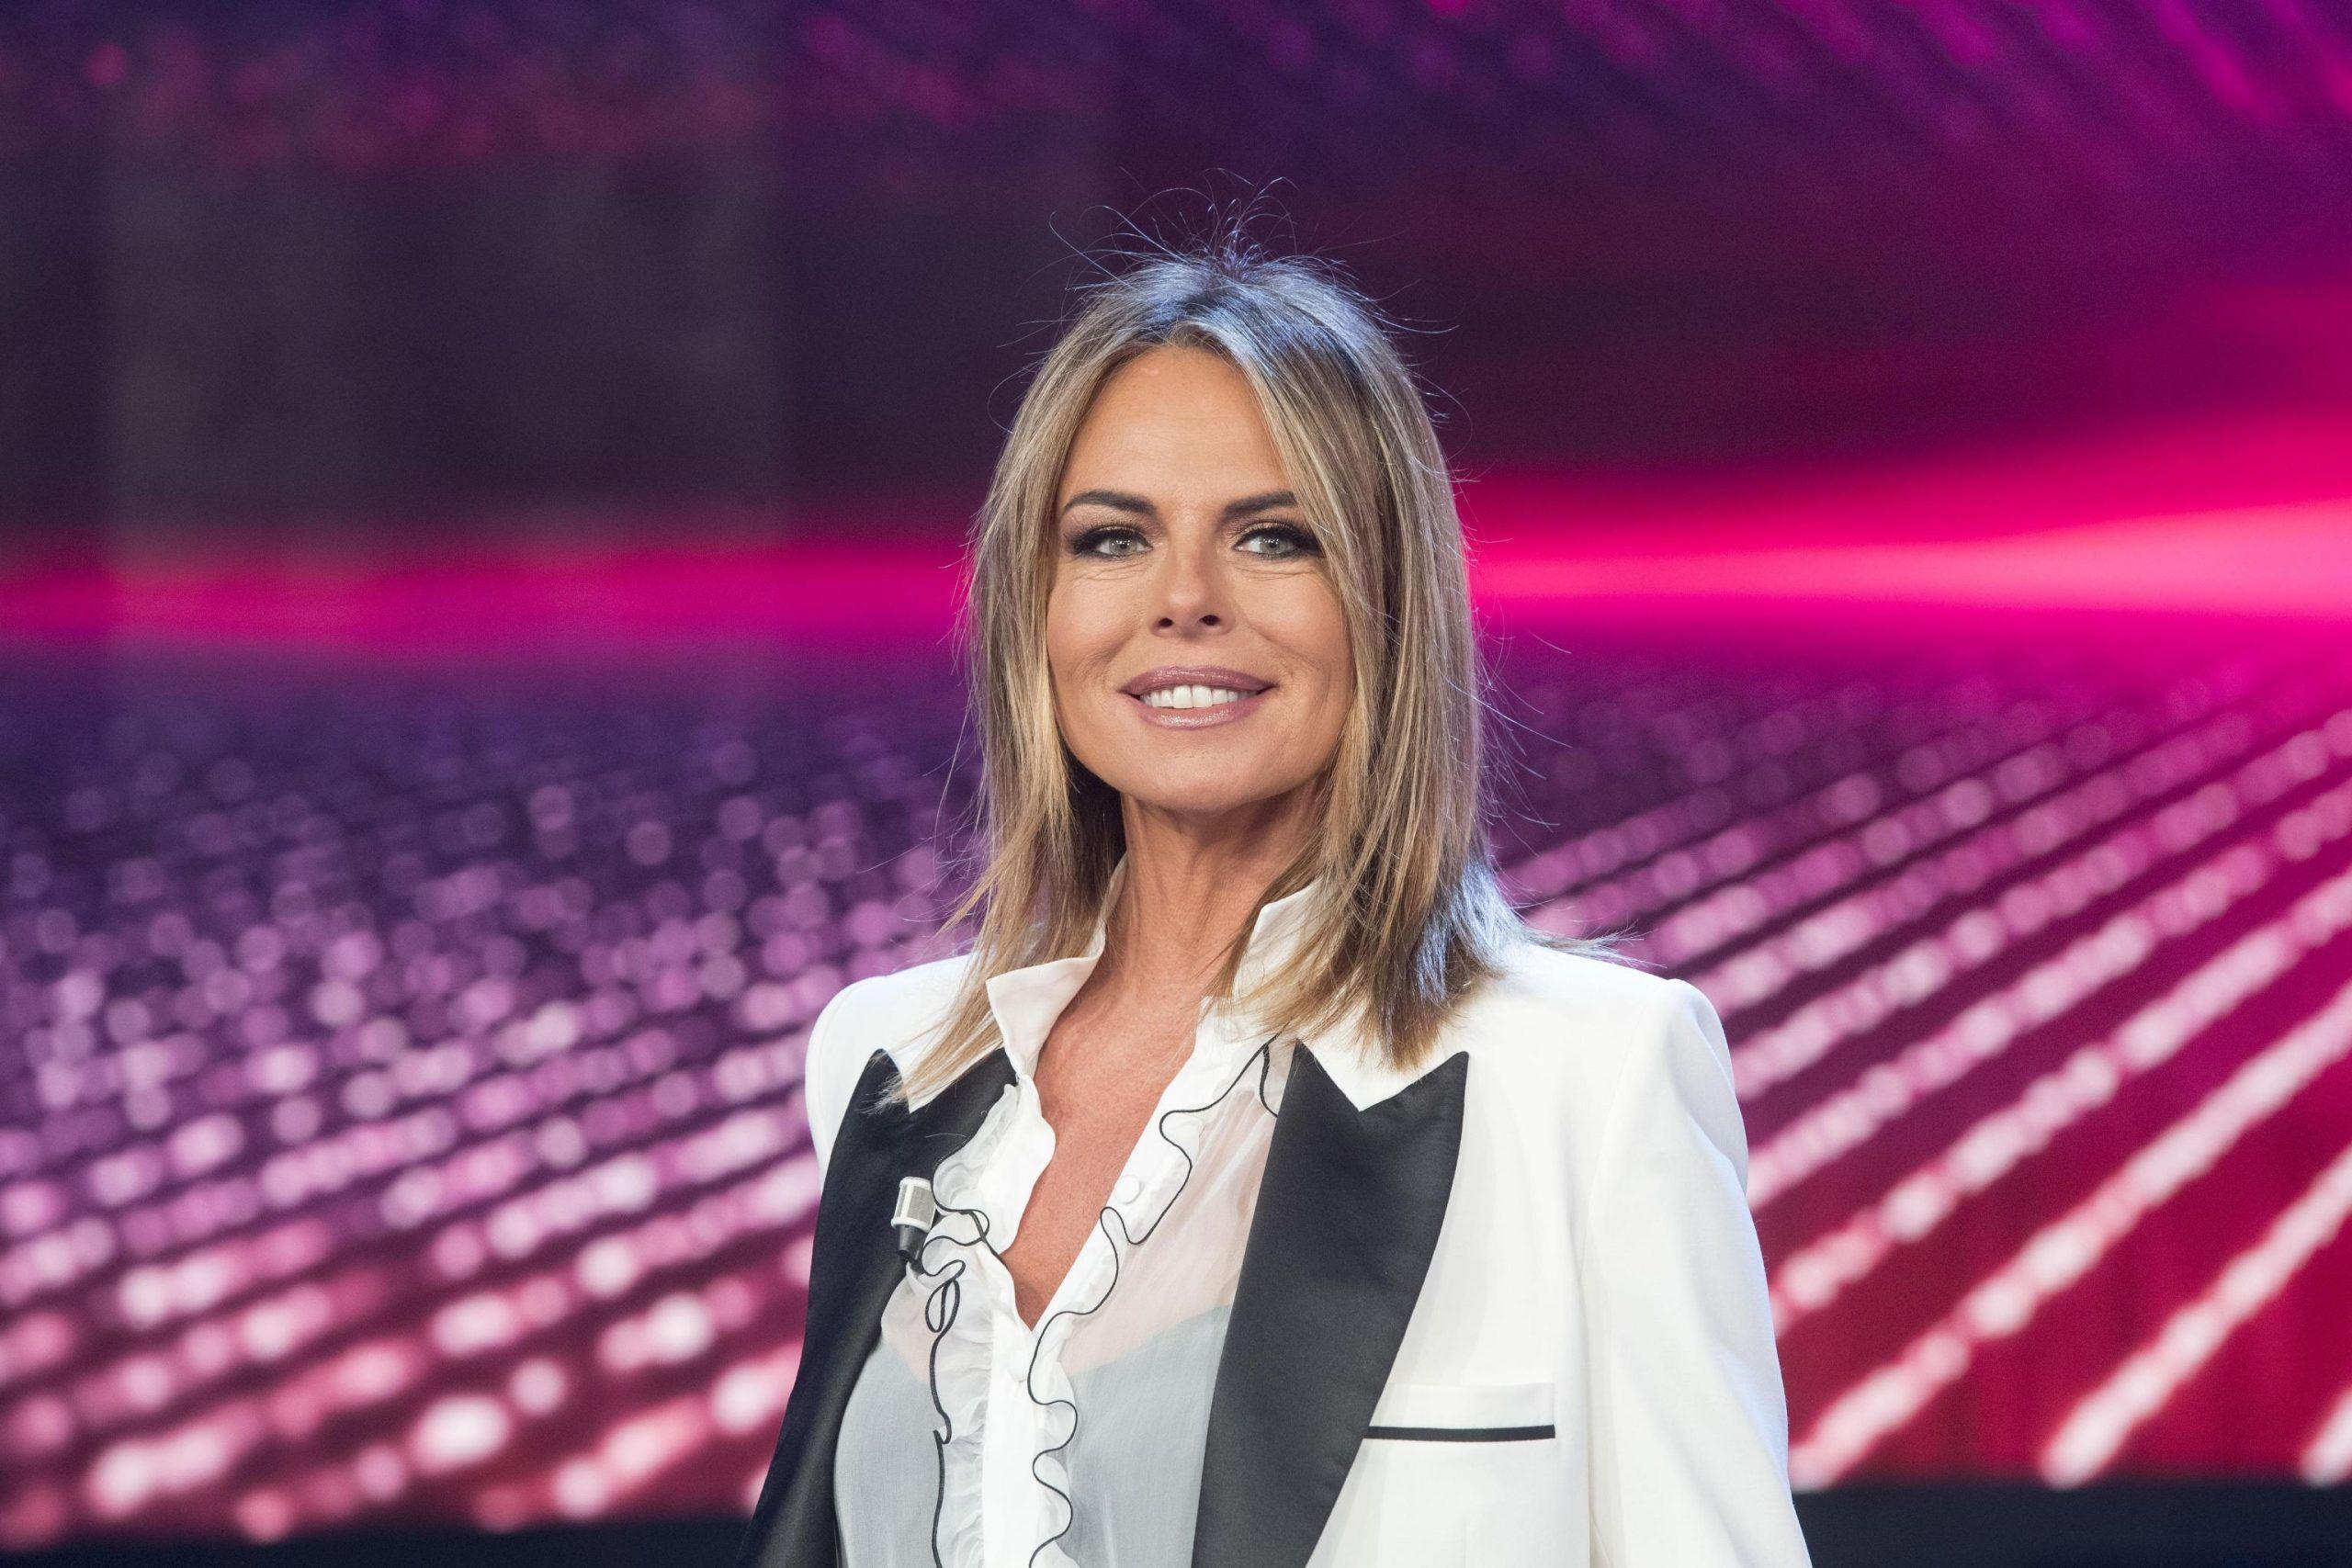 Paola Perego ritorna in tv: 'Ero terrorizzata e Fabrizio Frizzi mi ha aiutata'